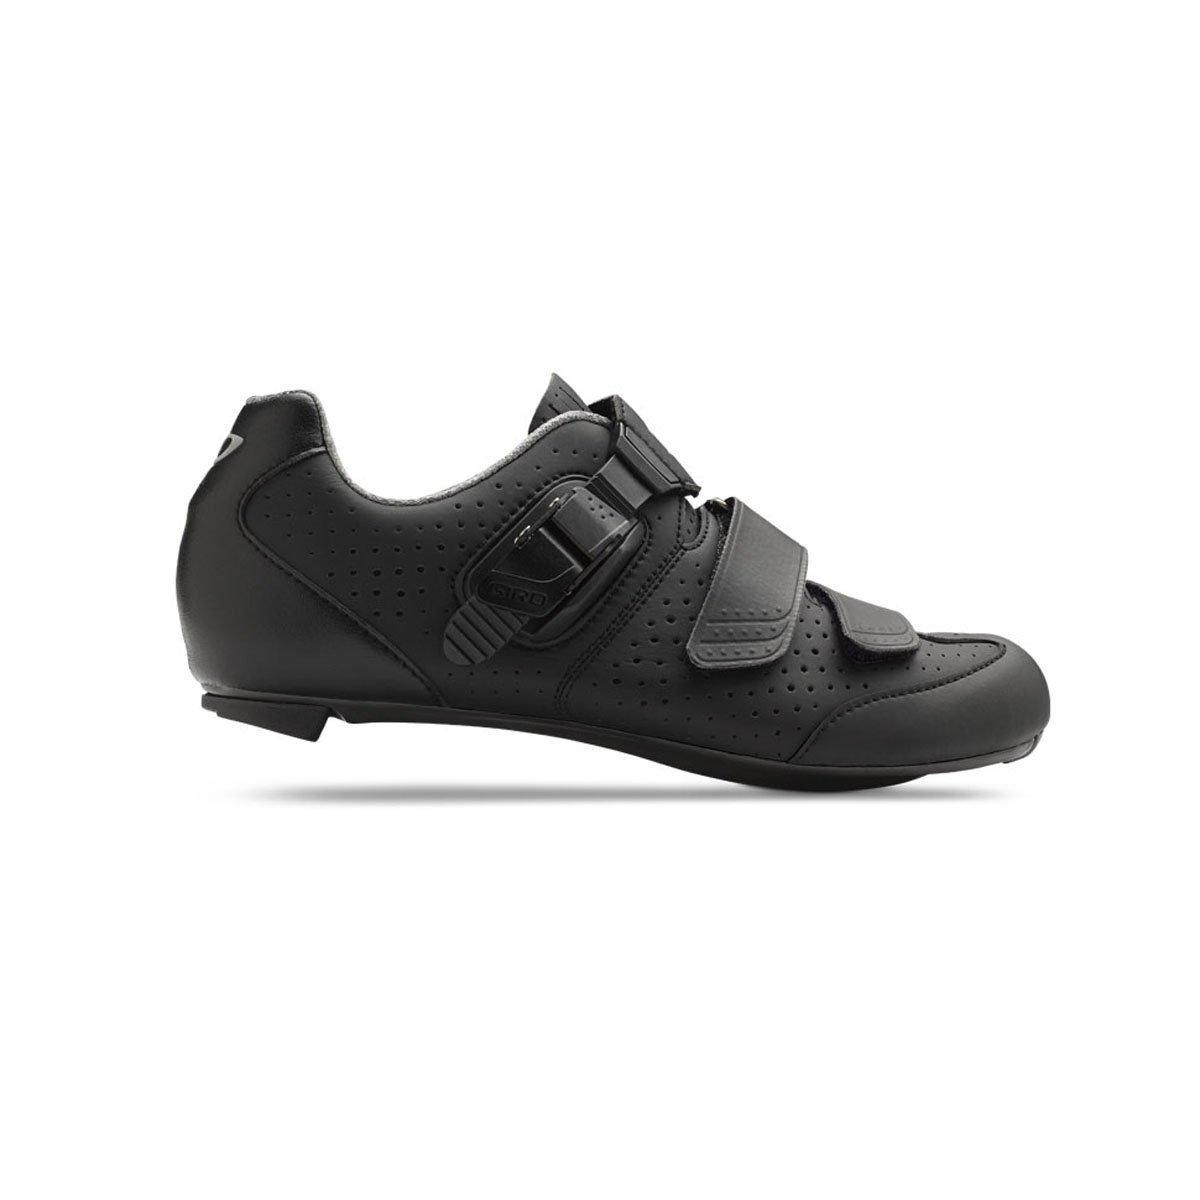 Giro Espada E70 Damen Rennrad Fahrrad Schuhe schwarz 2016